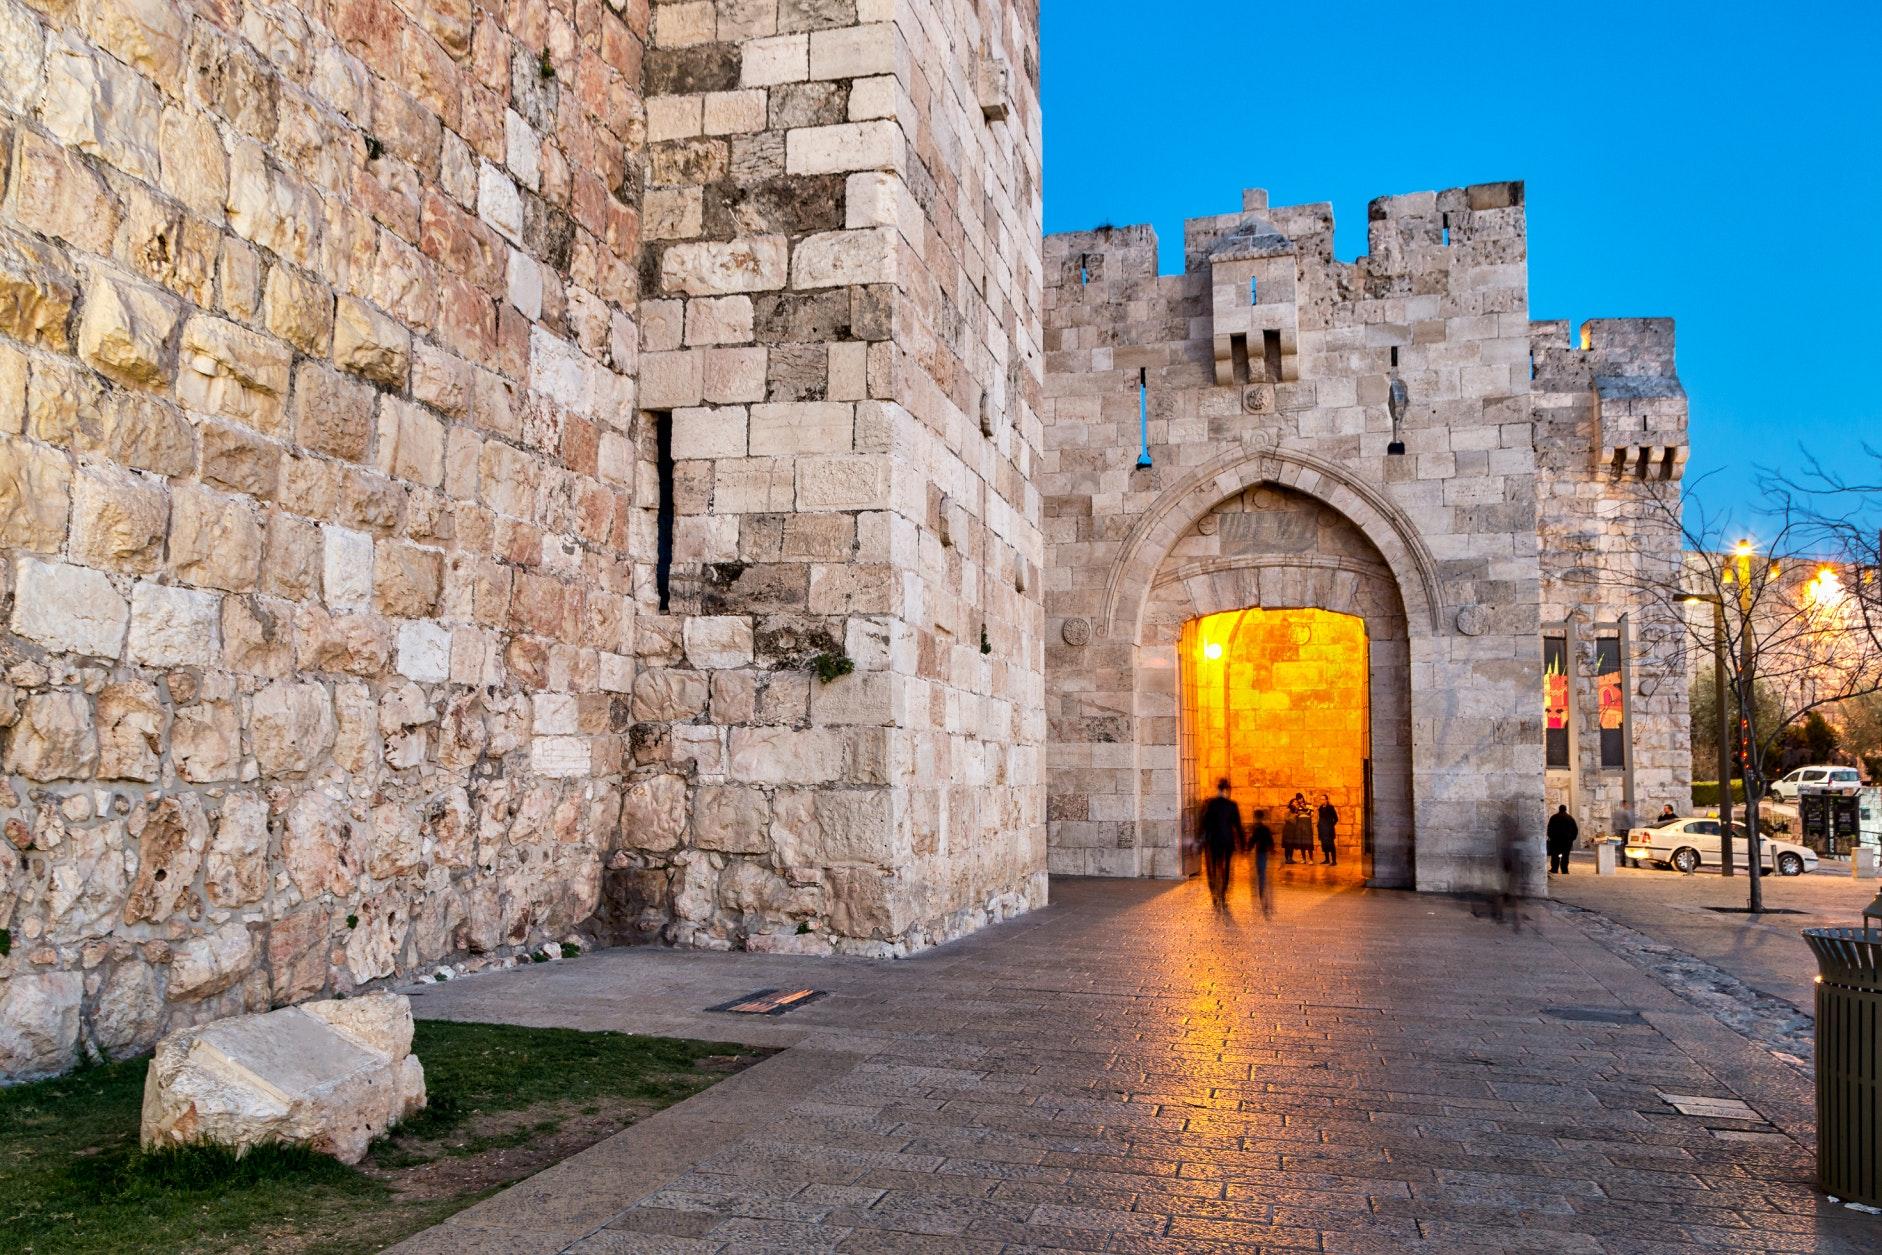 jaffa gate in jerusalem